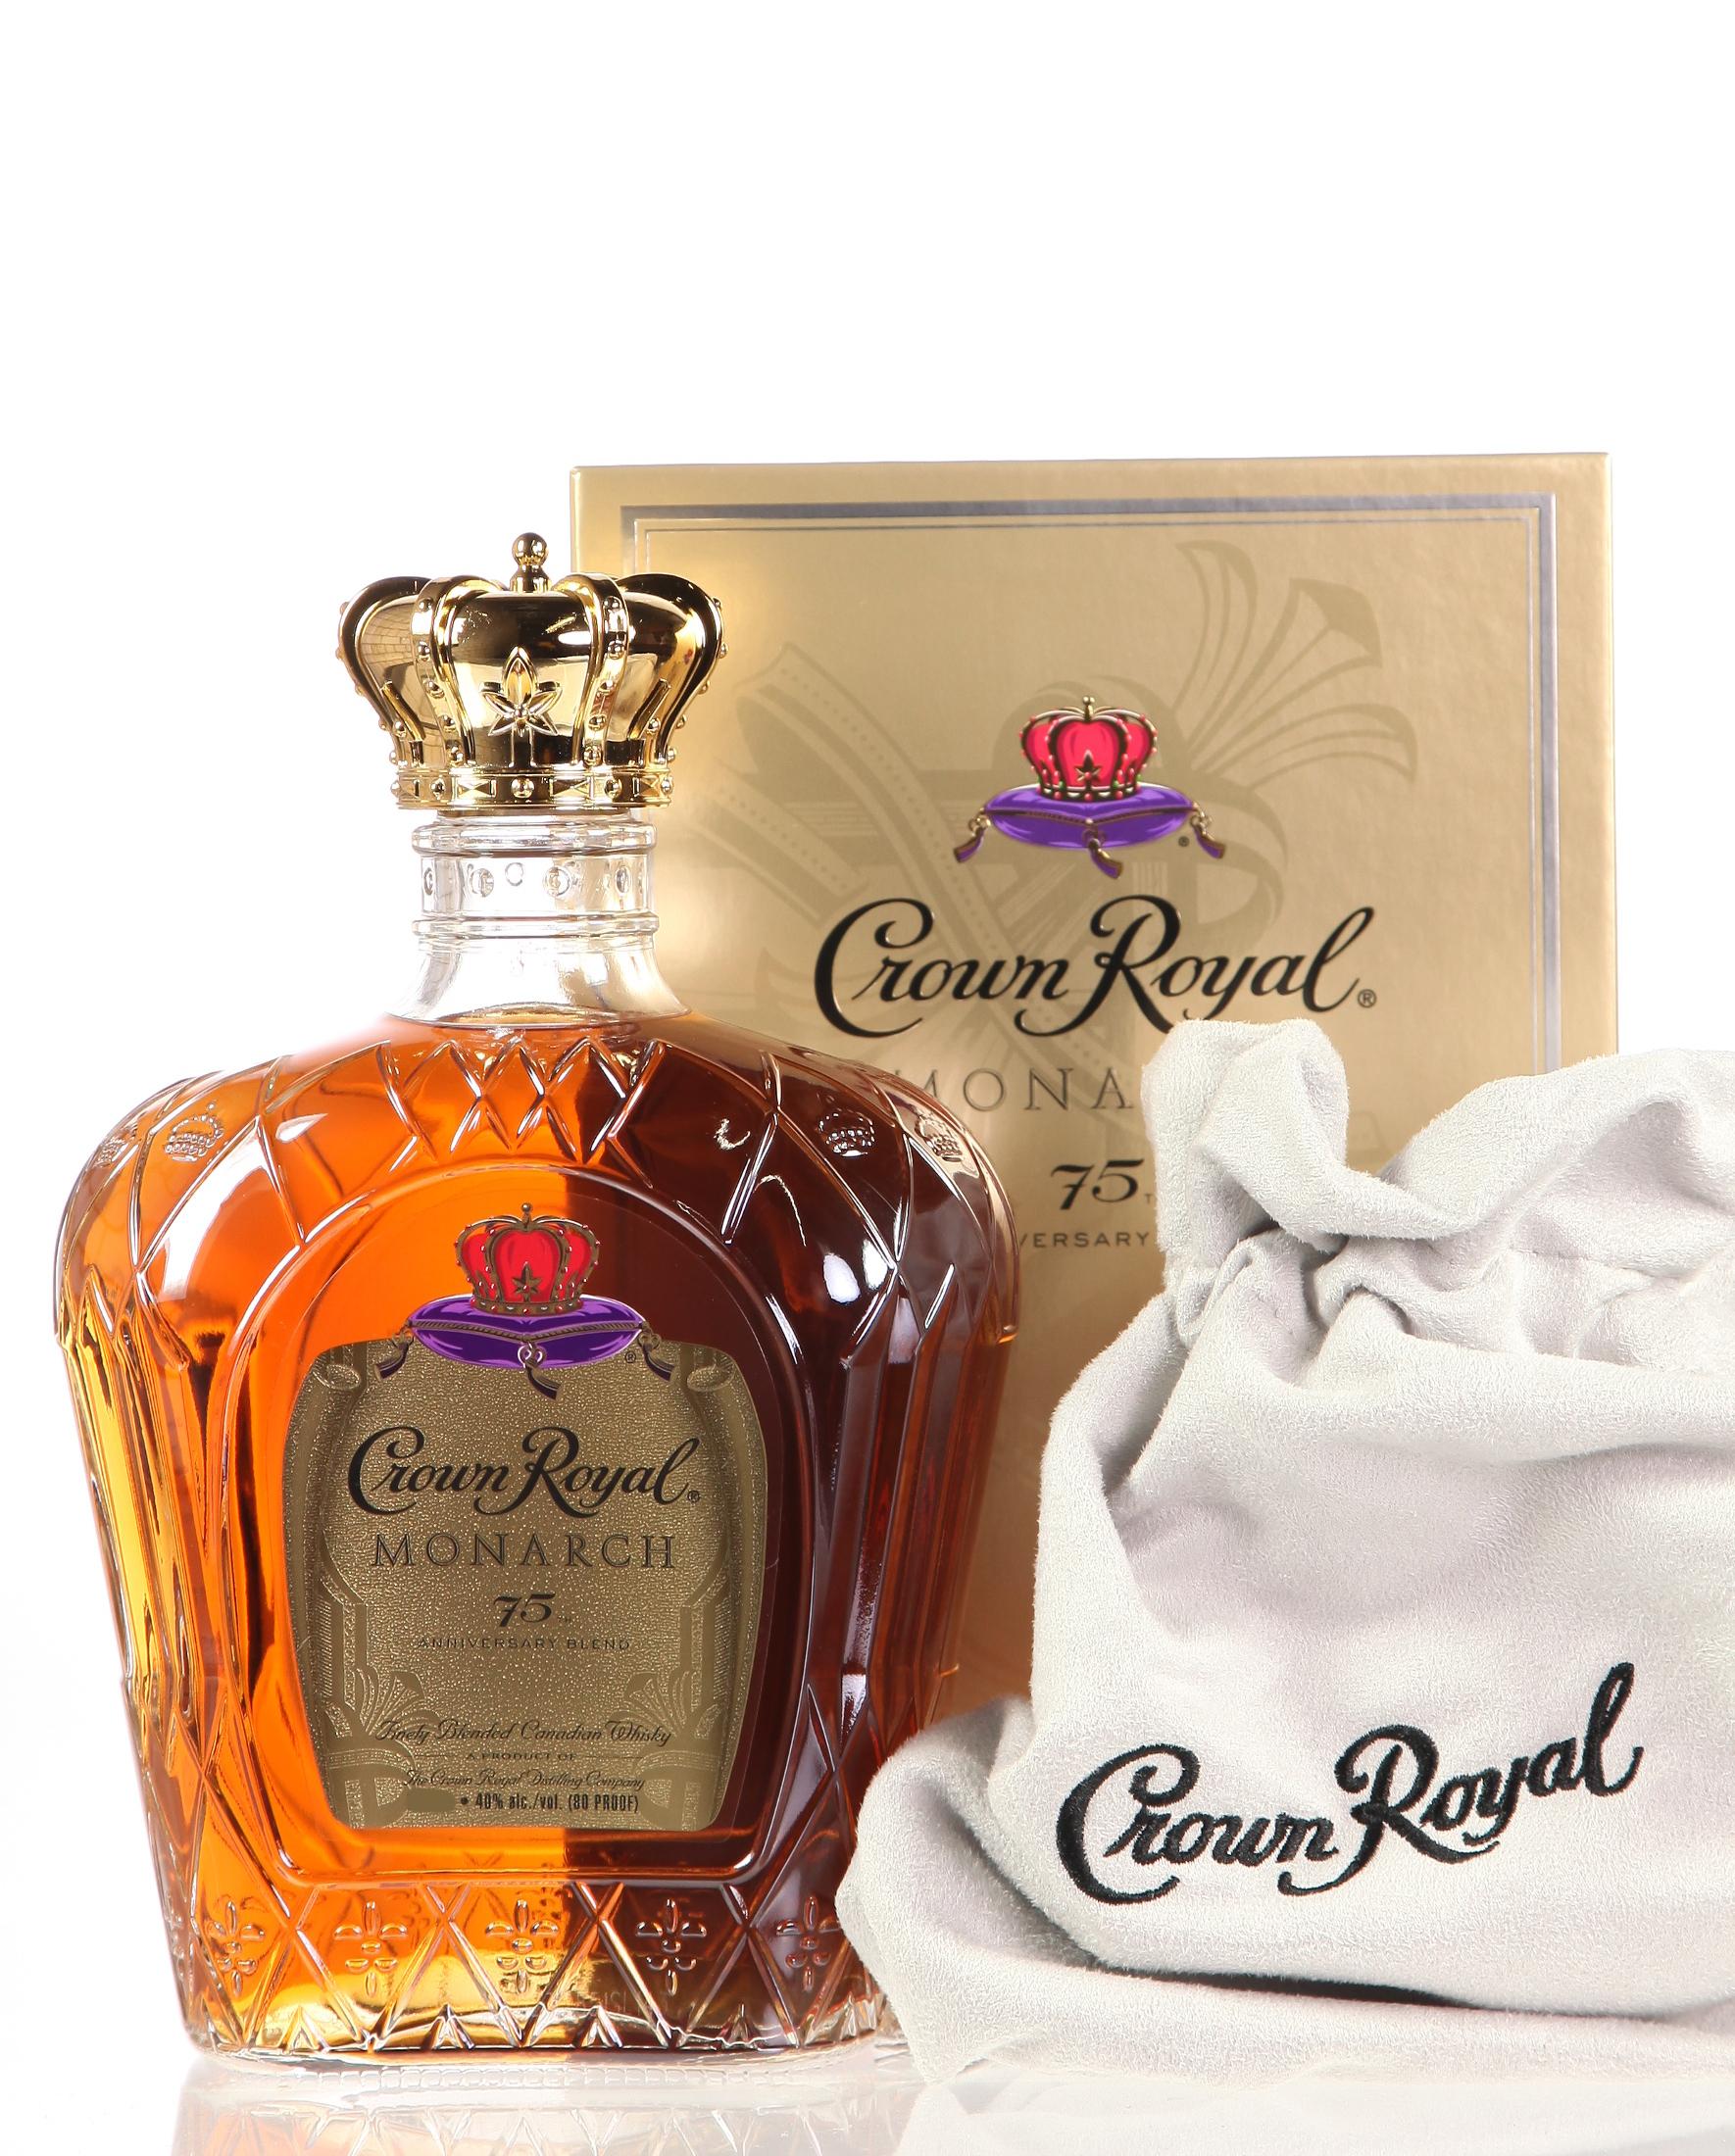 Crown Royal Monarch